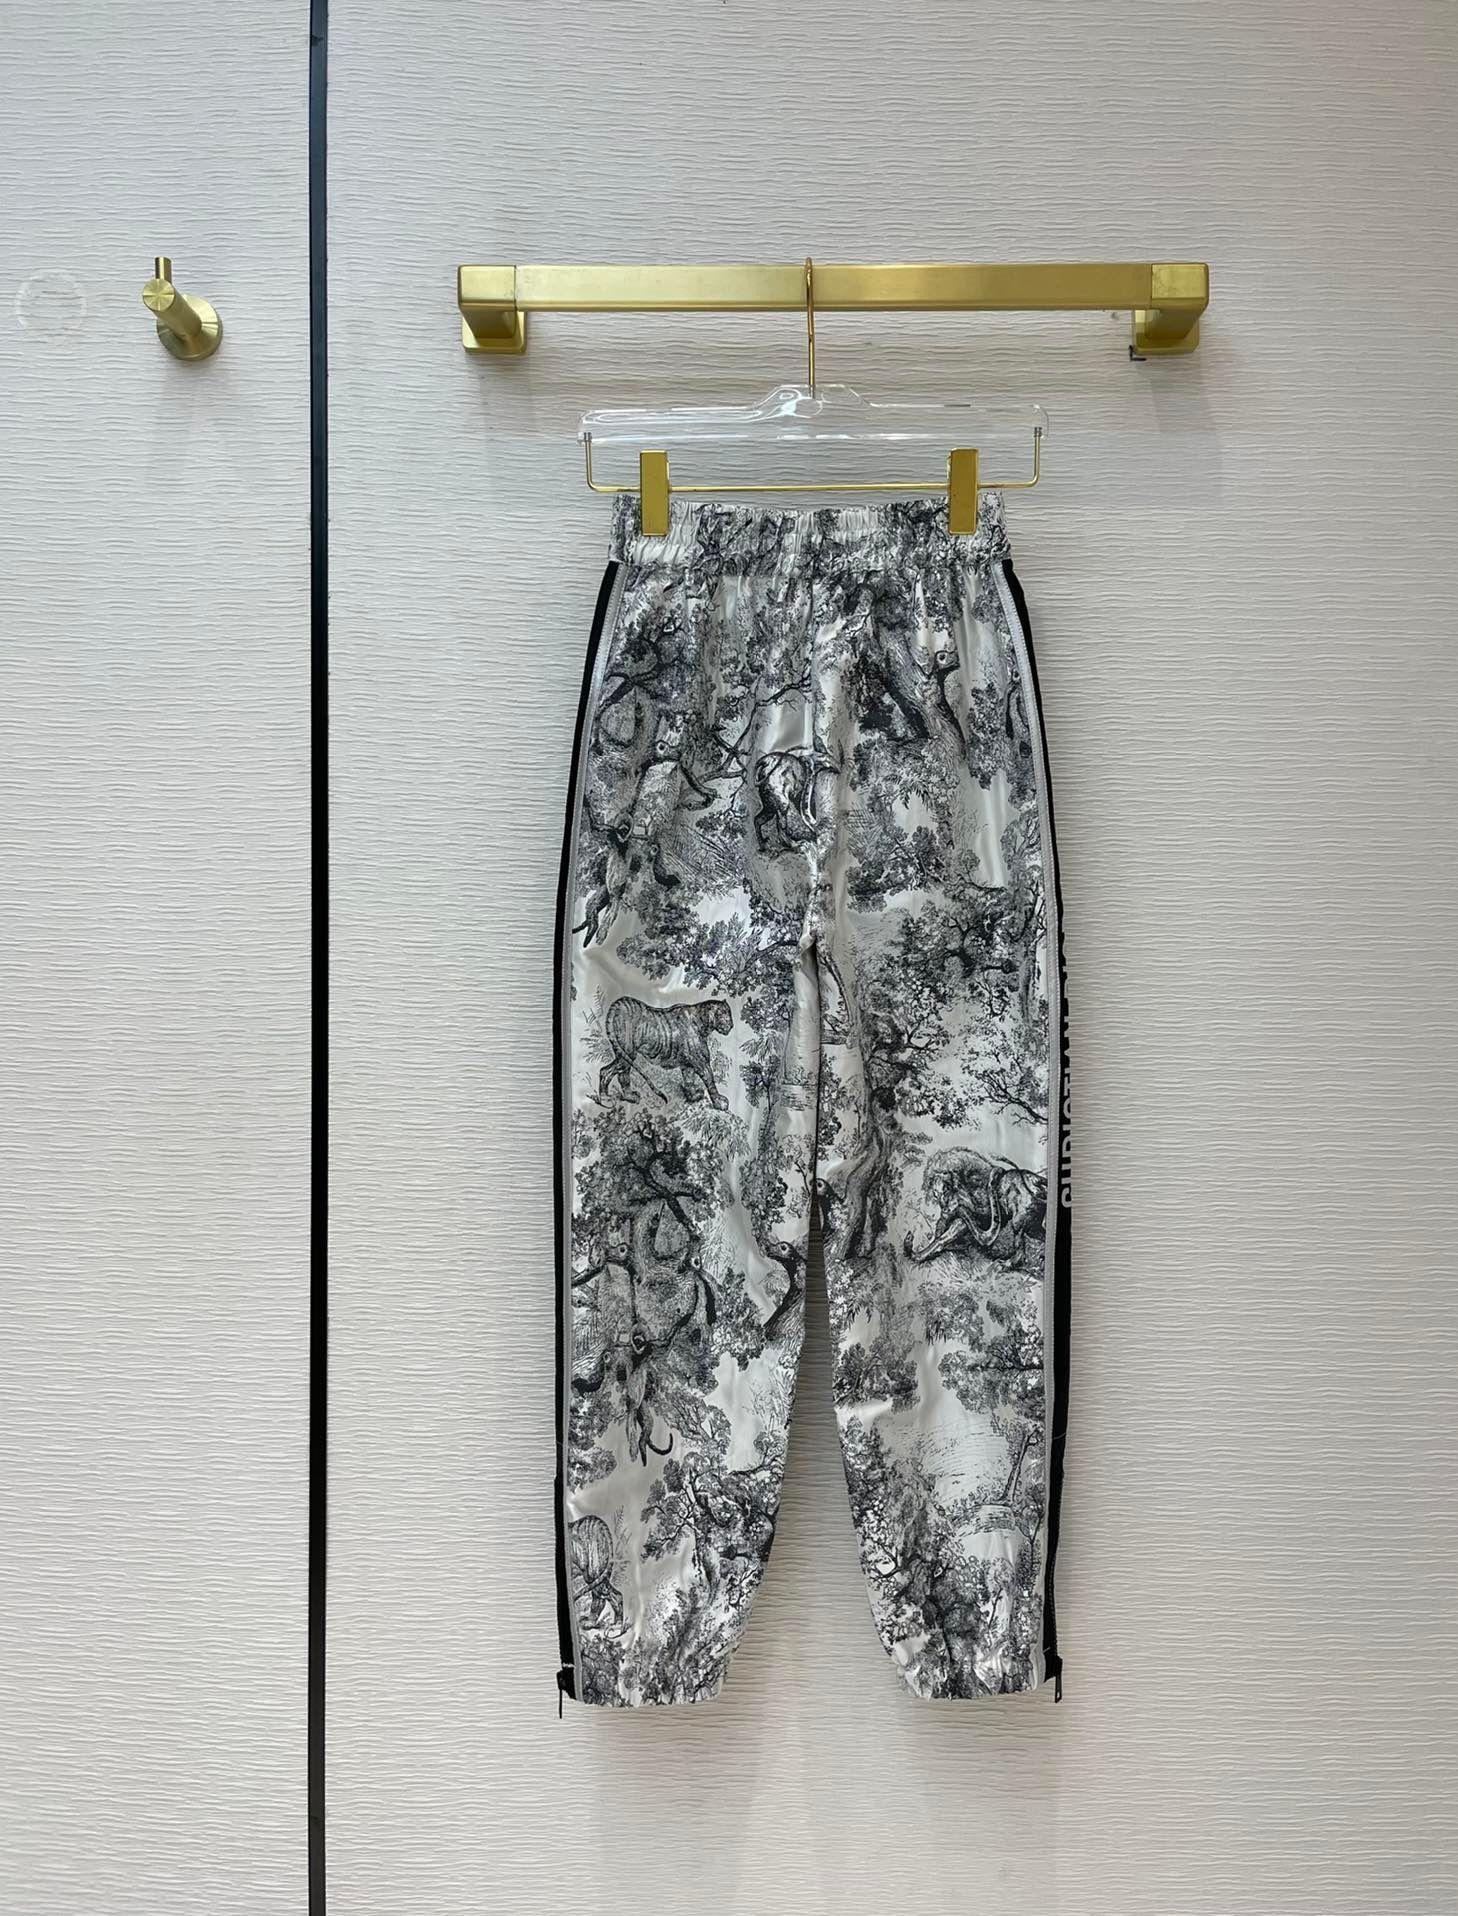 Milan Pist Jeans 2021 İlkbahar Yaz Moda Tasarımcısı Düz Pantolon Marka Aynı Stil Lüks Kadın Pantolon 0331-6